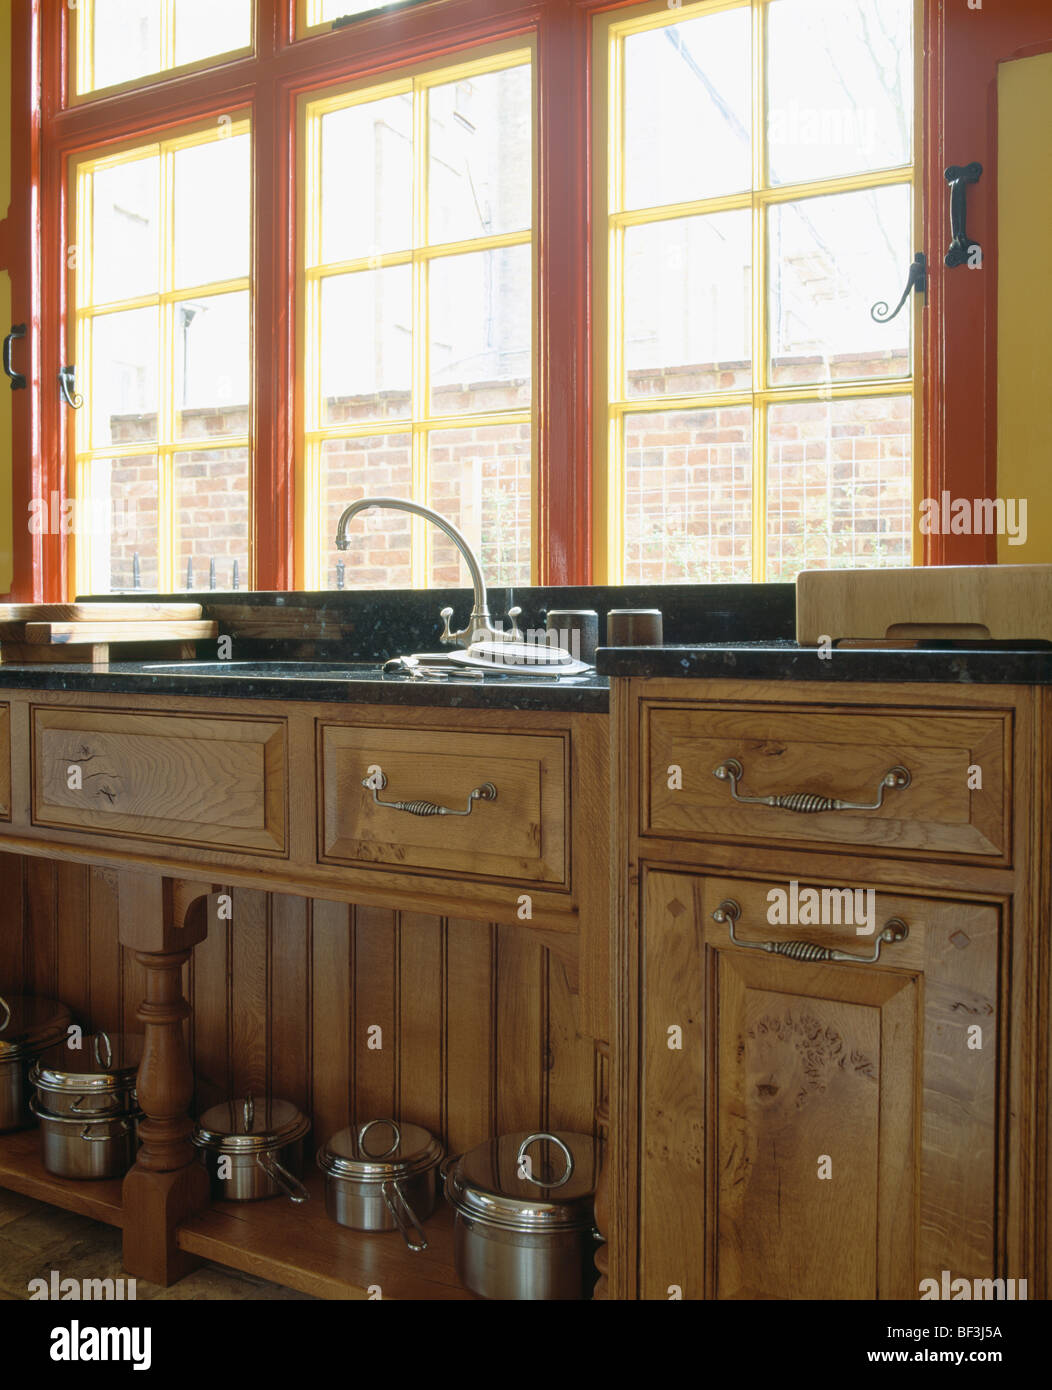 Window Above Sink In Kitchen Stockfotos & Window Above Sink In ...